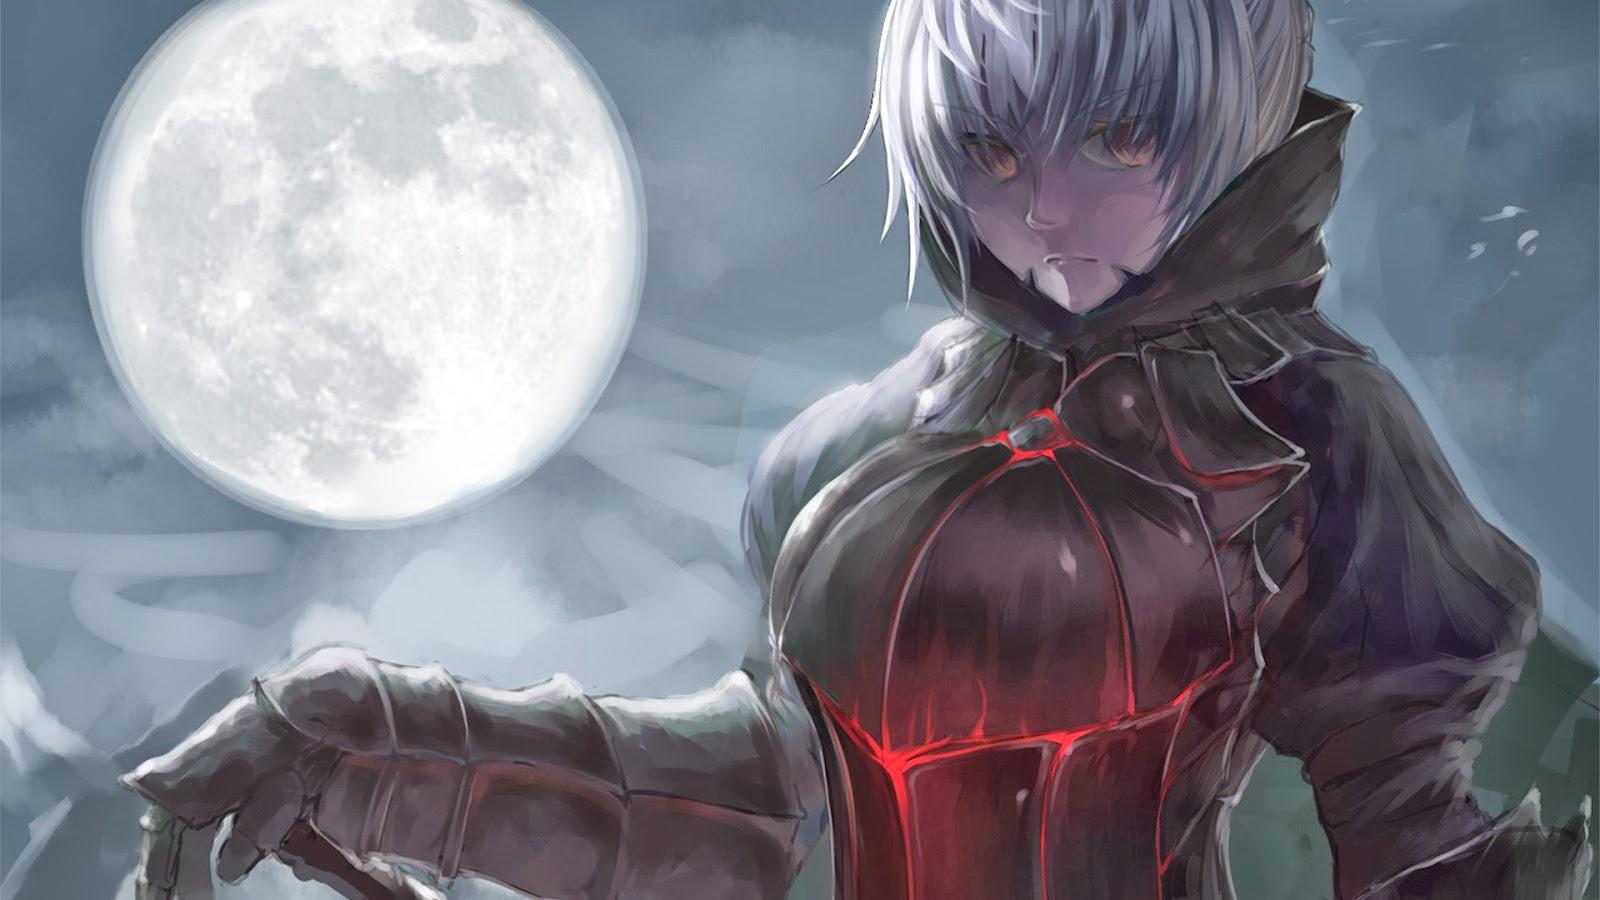 Anime Full Moon Wallpaper Wallpapersafari